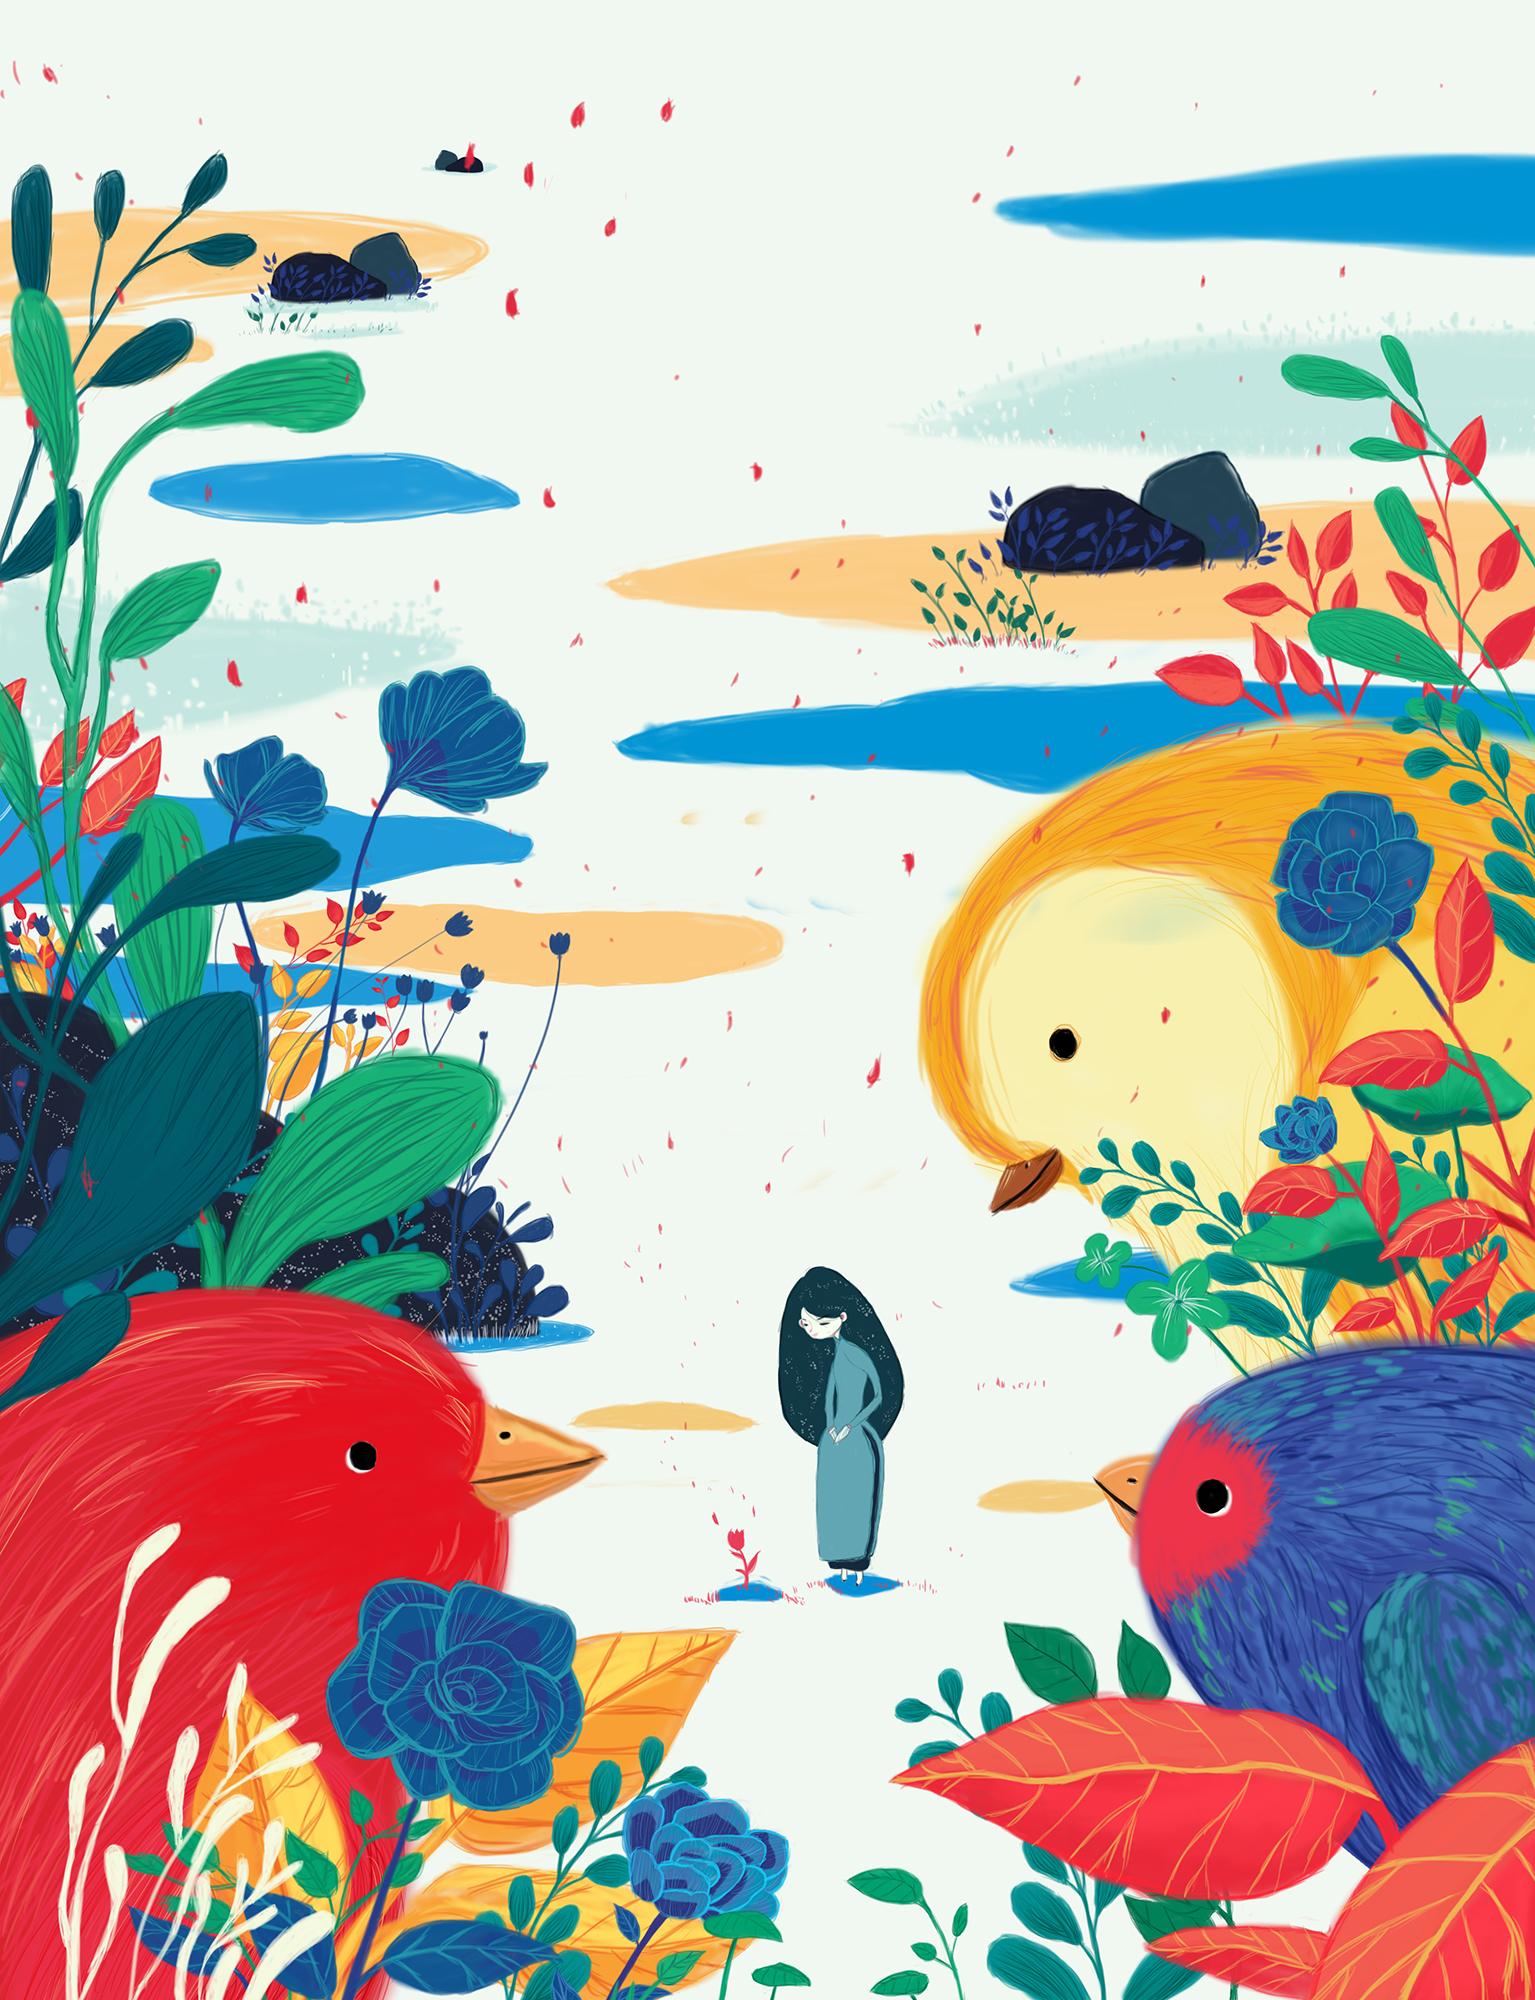 手绘作品 插画 商业插画 可乐0 - 原创作品 - 站酷